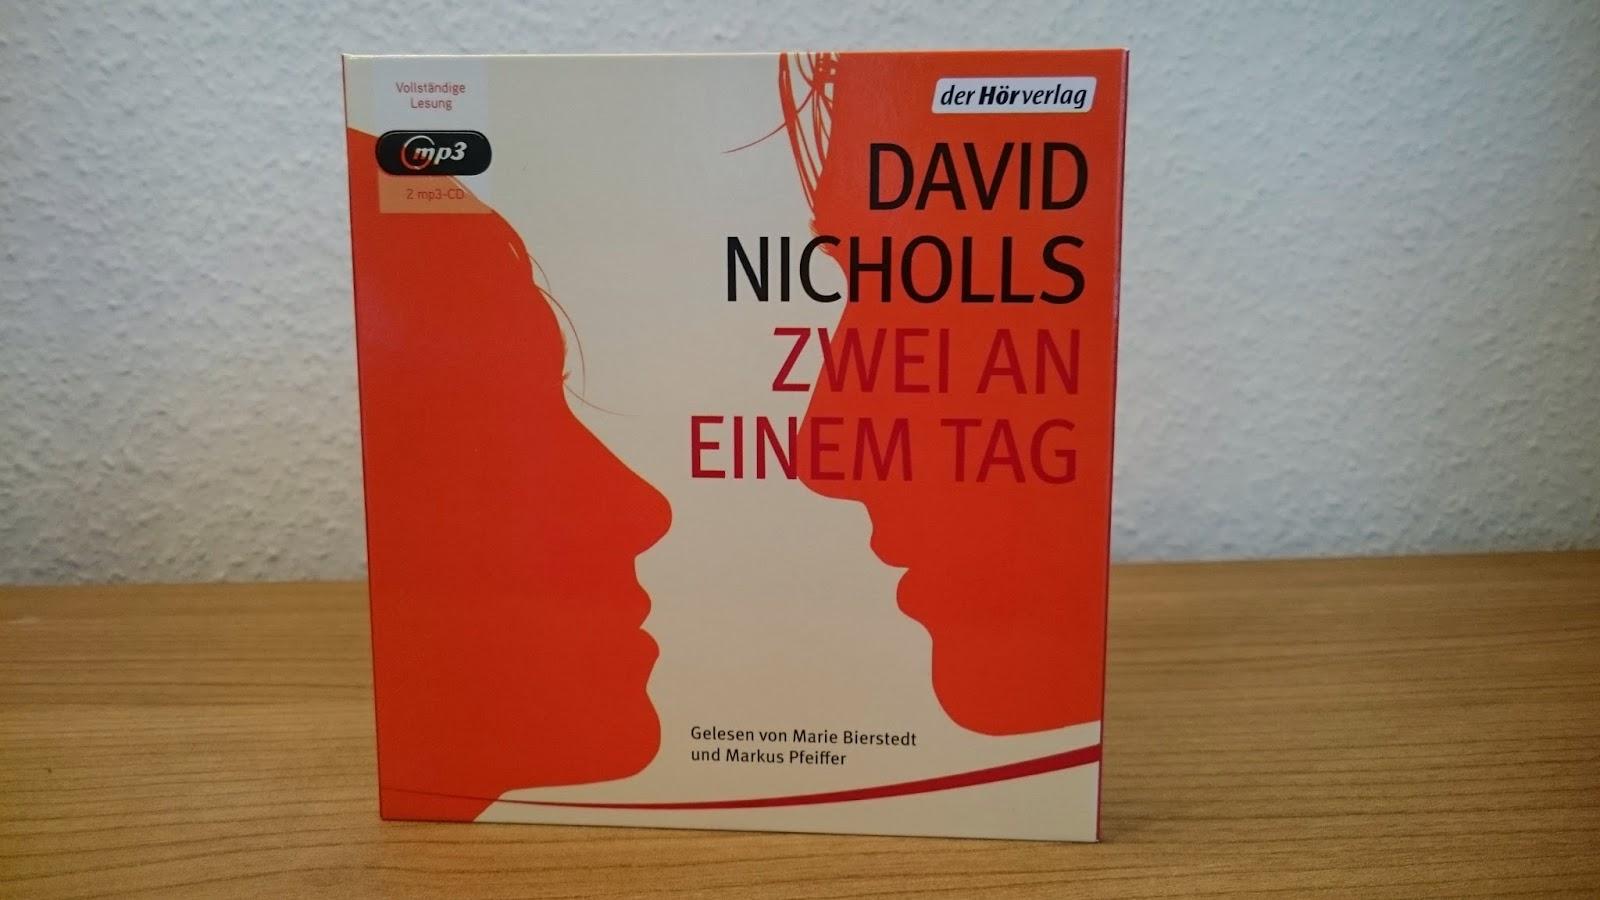 David Nicholls – Zwei an einem Tag